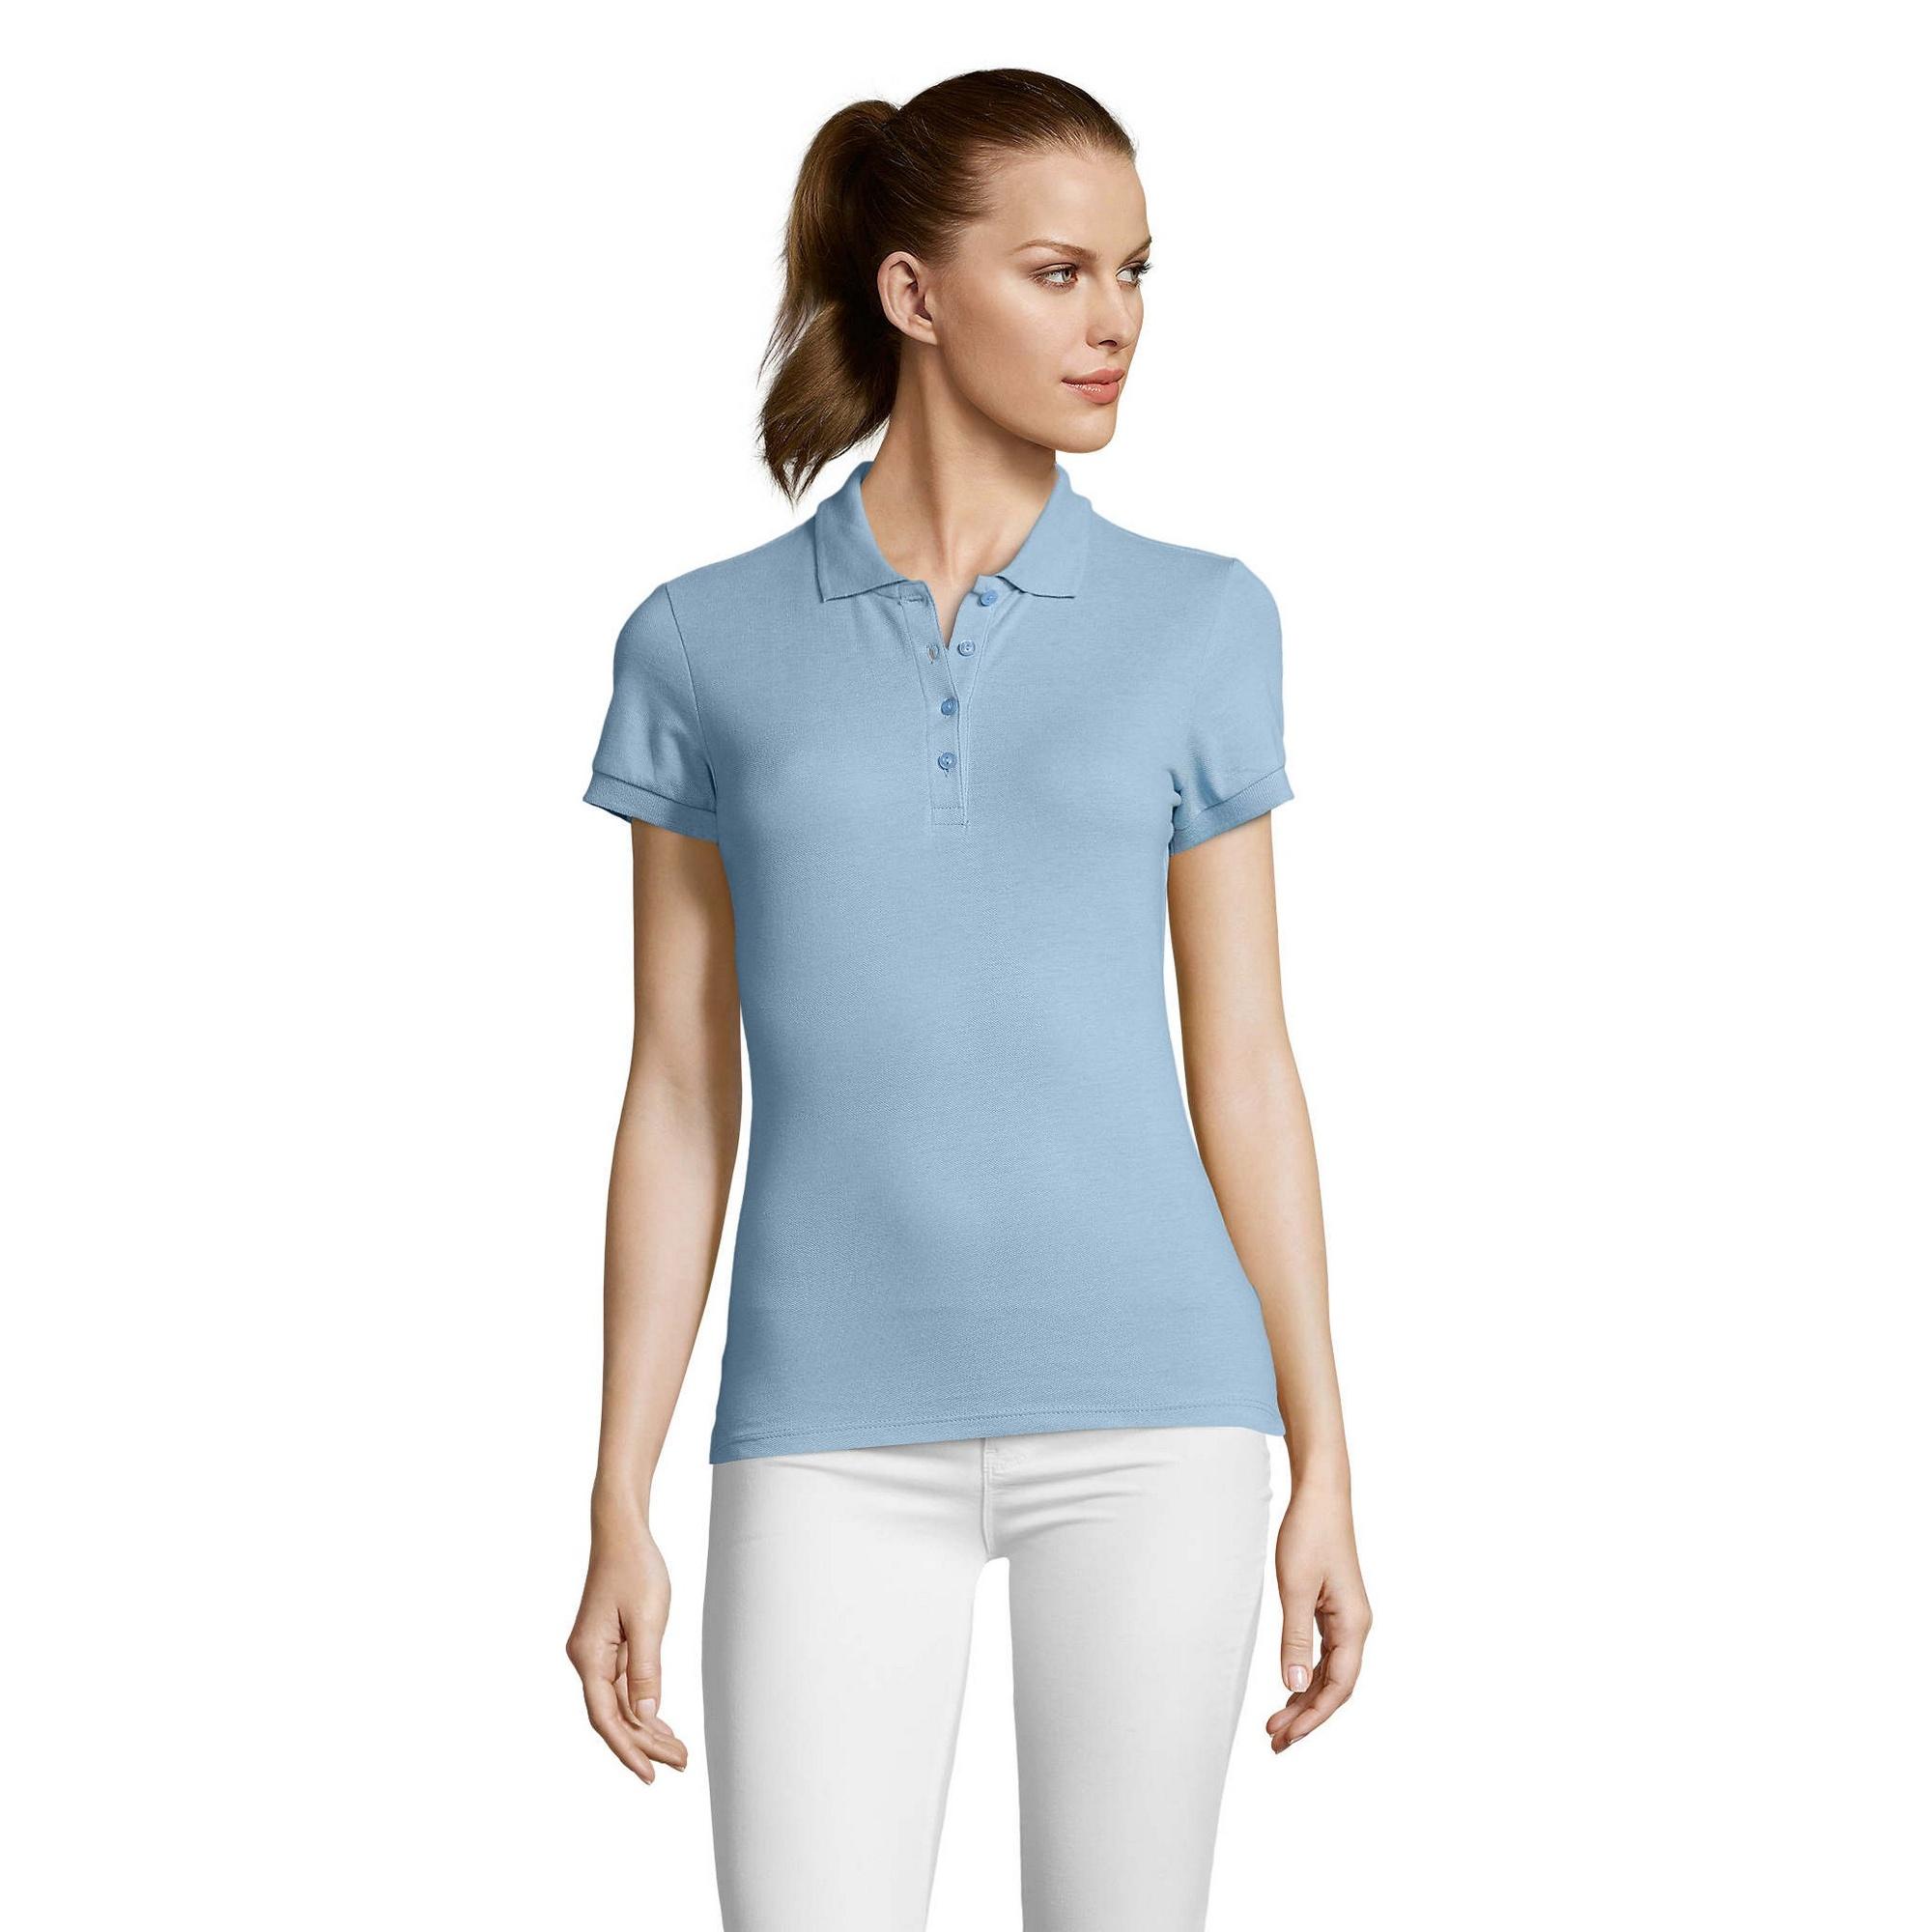 miniature 87 - SOLS Passion - Polo 100% coton à manches courtes - Femme (S-2XL) 16 (PC317)